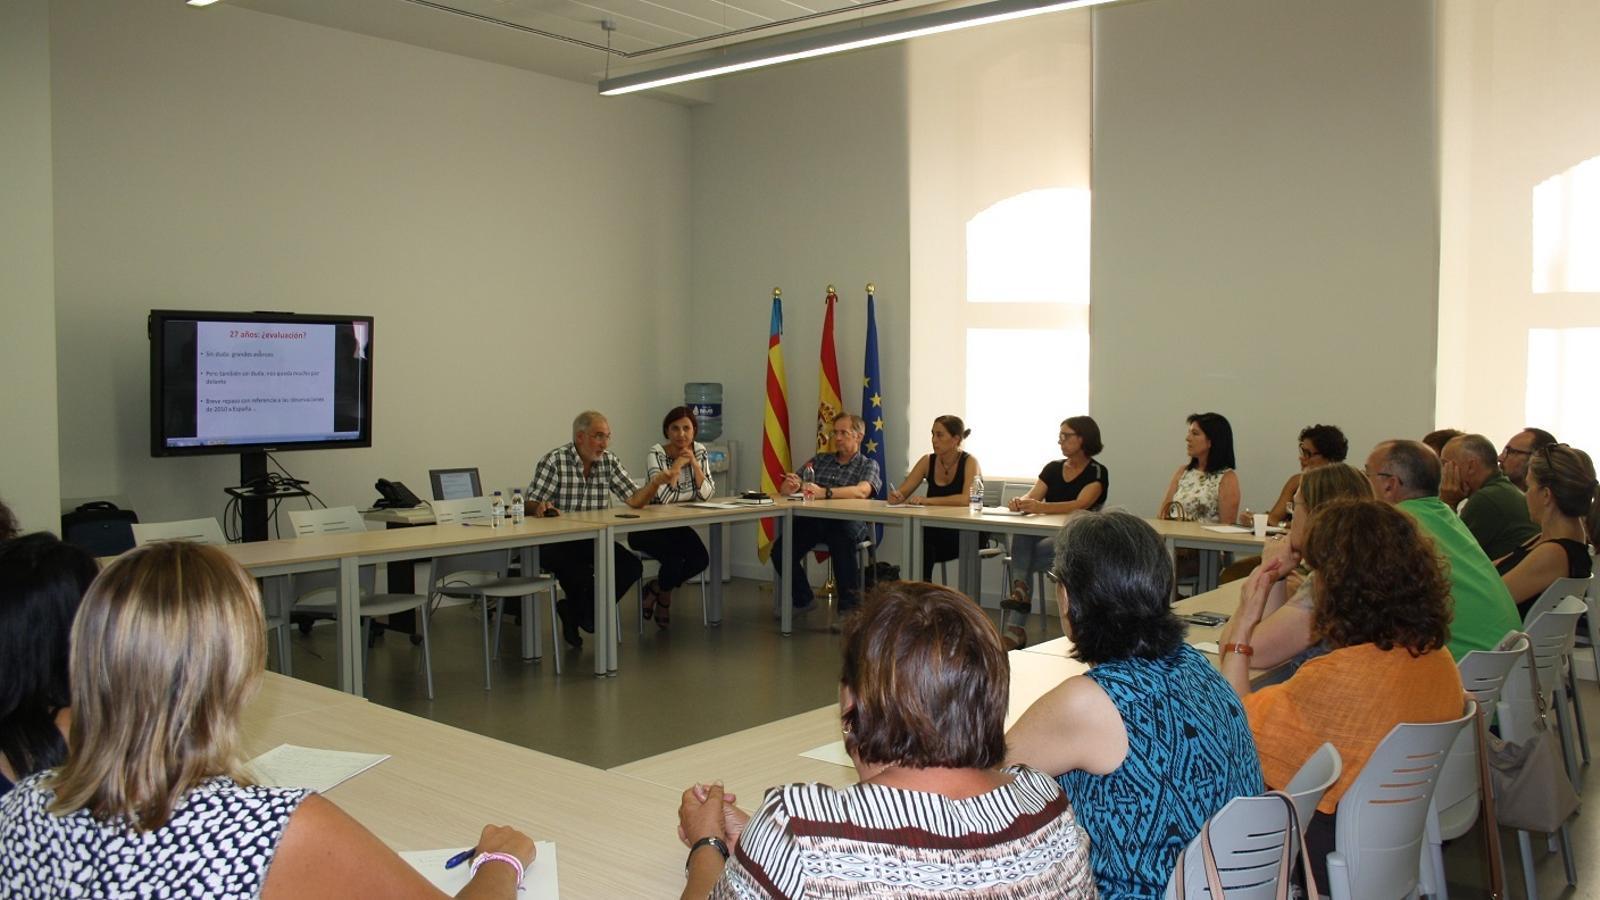 Anul·lada part de la norma que prioritza l'ús del valencià perquè